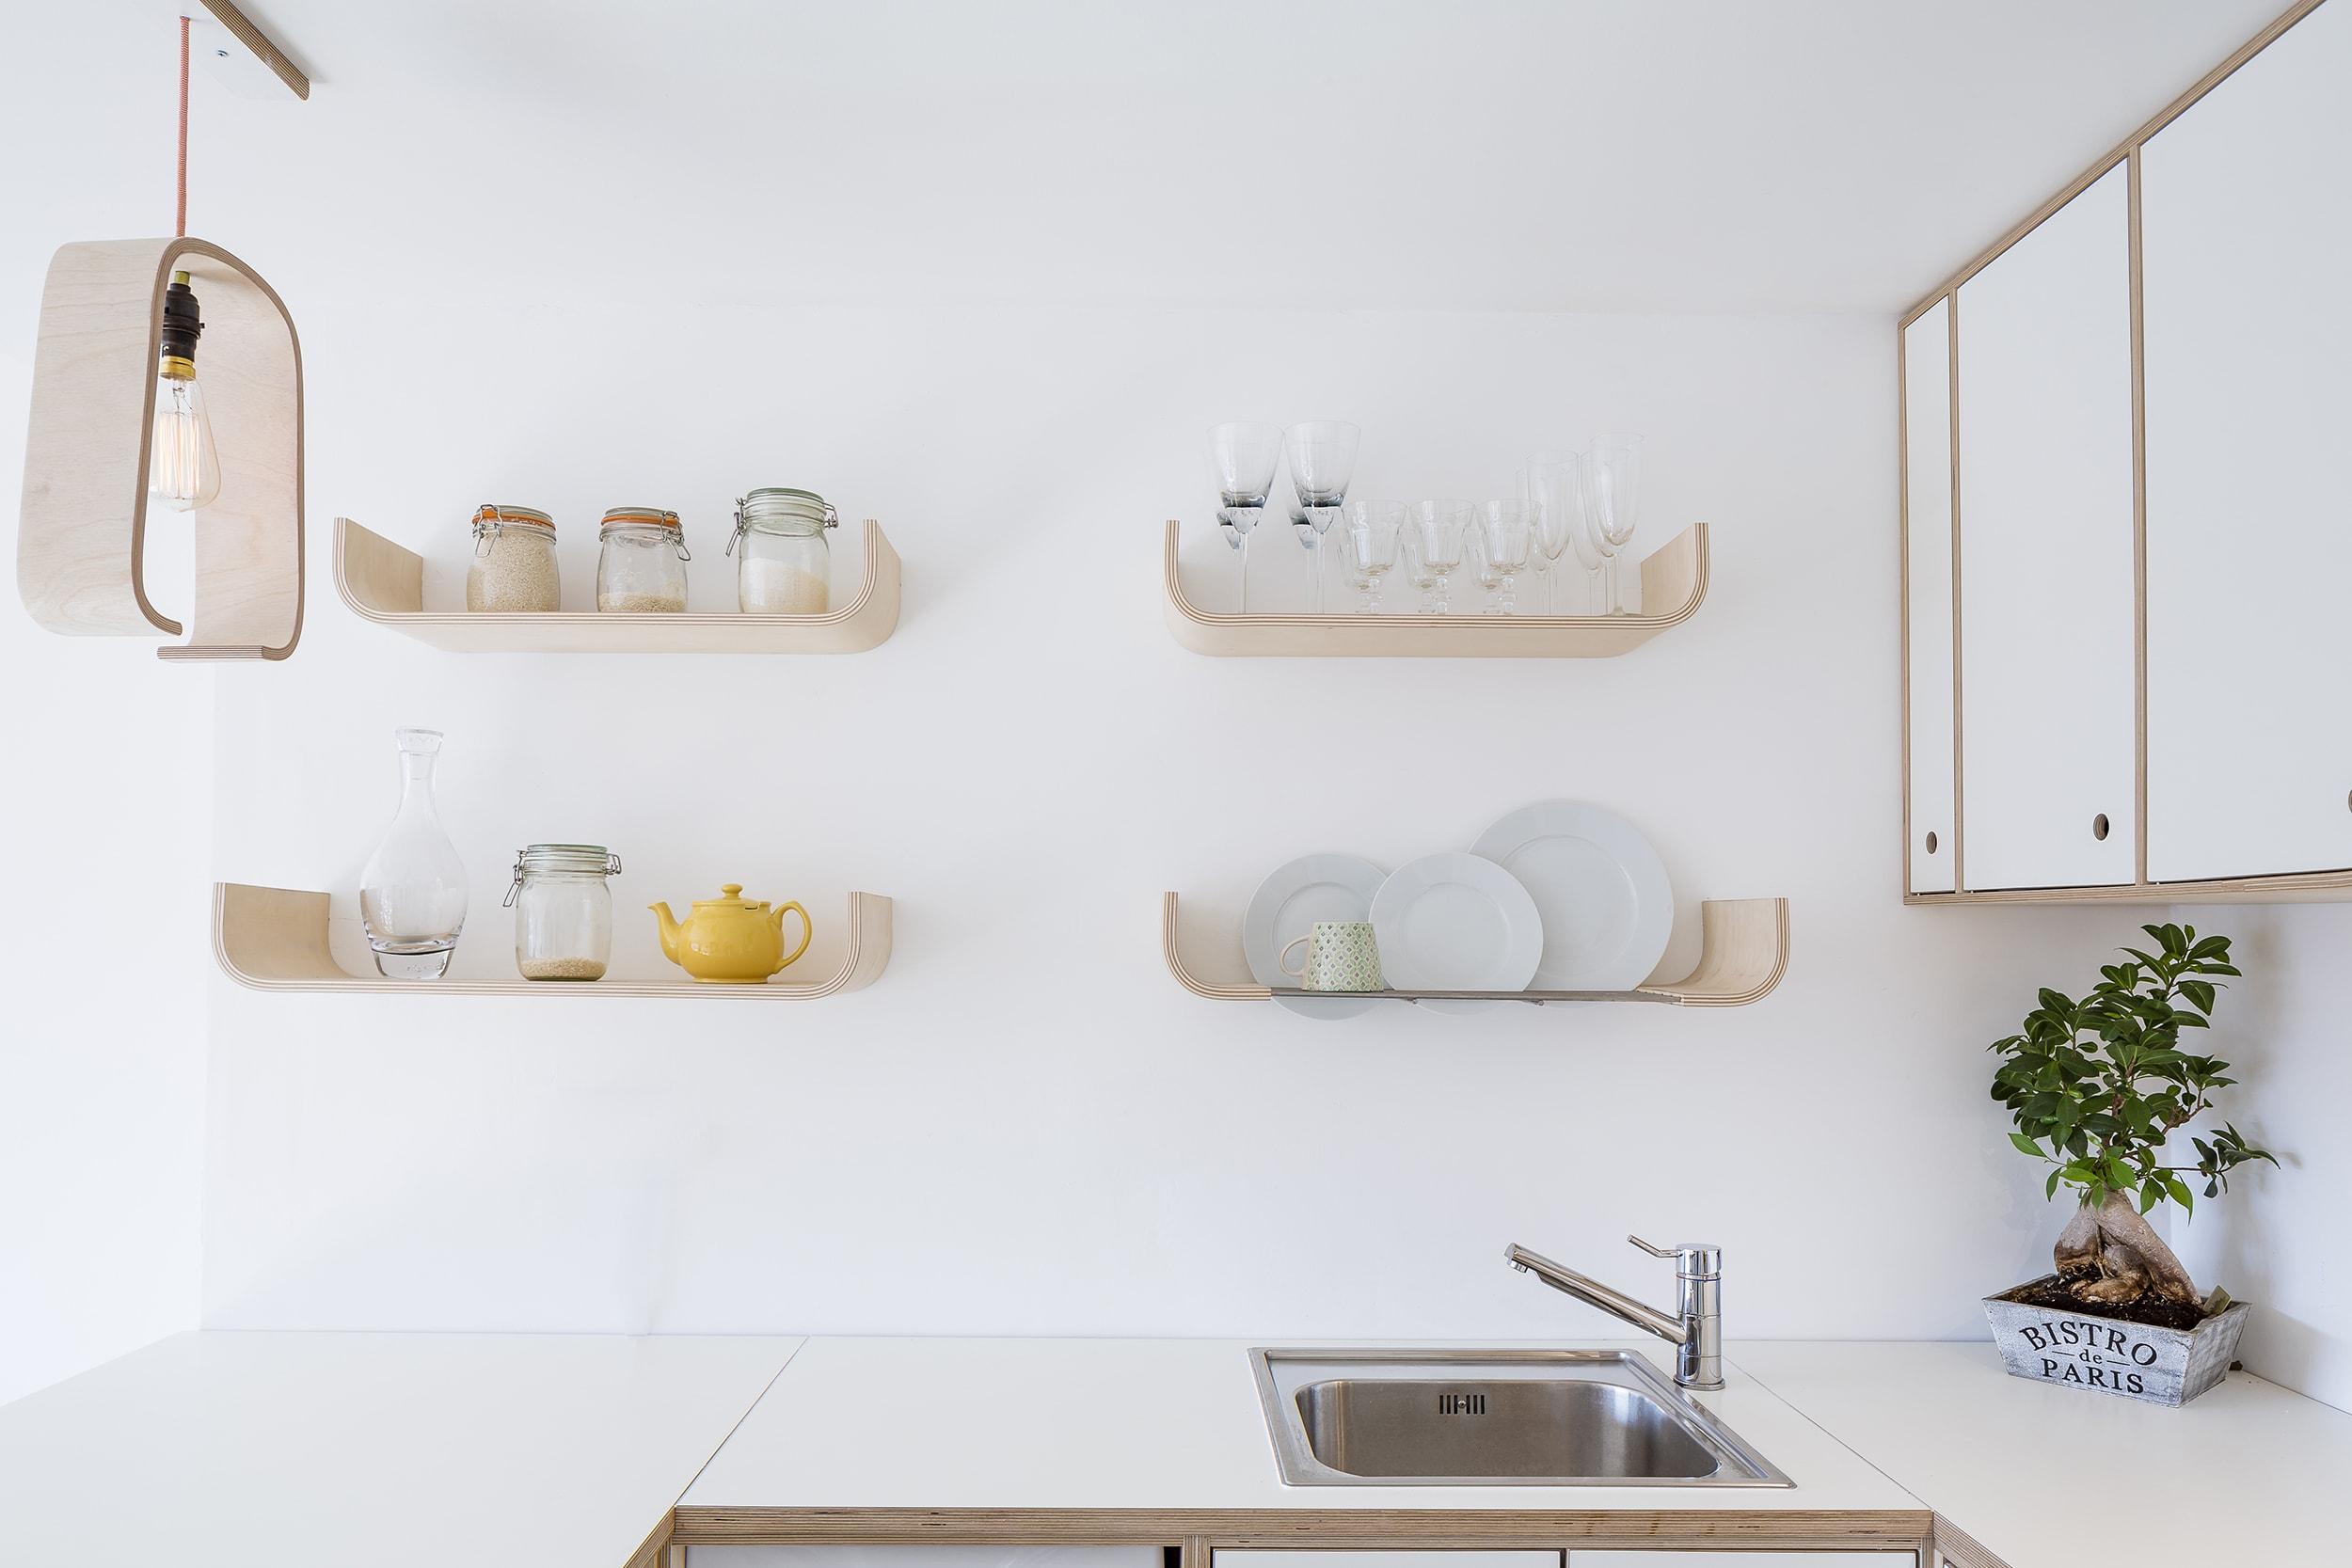 Fabienne kitchen6-min.jpg